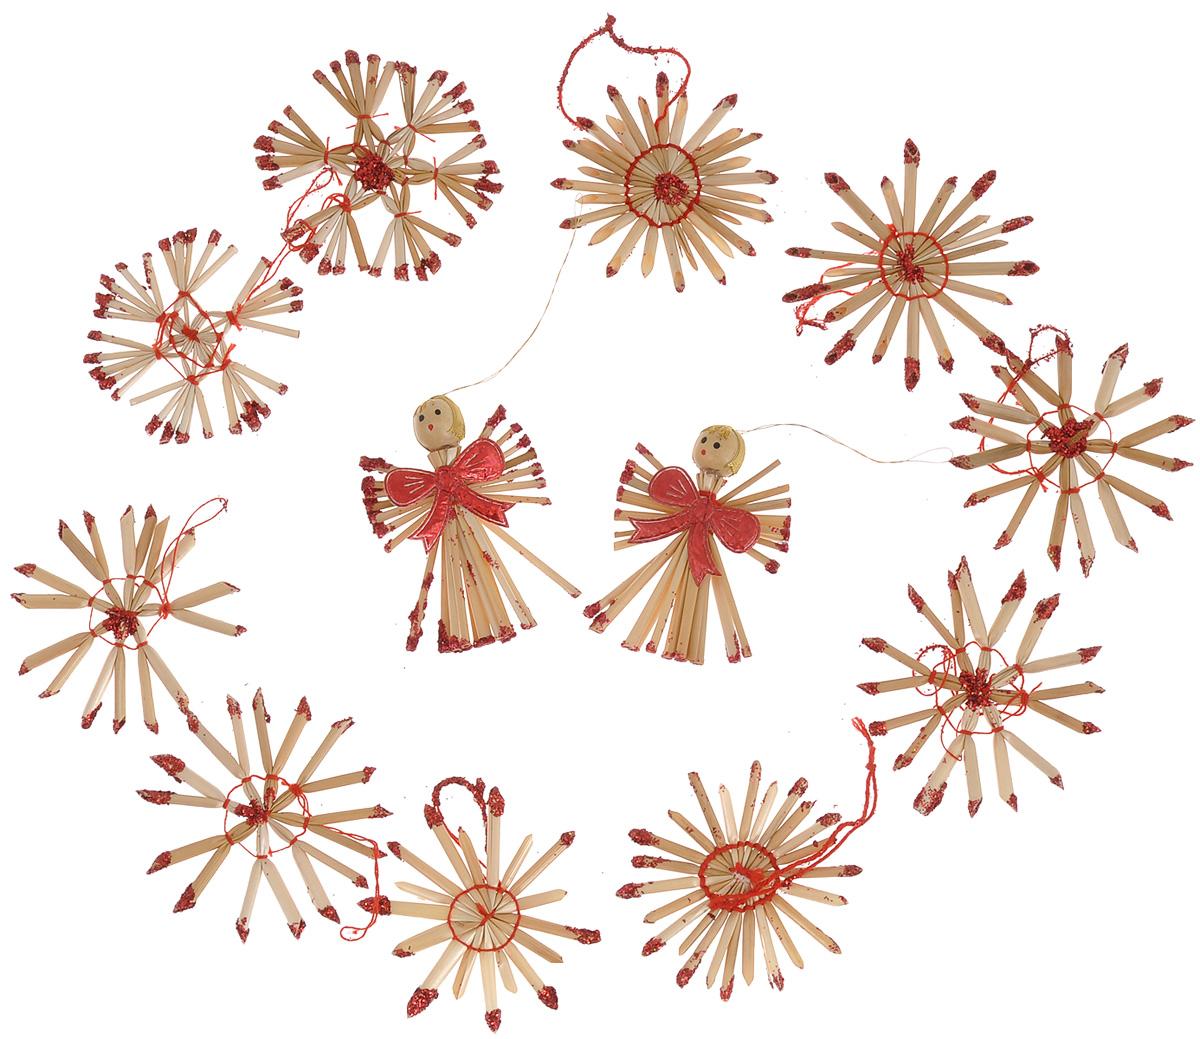 Набор новогодних подвесных украшений Феникс-презент Ангелы и звезды, цвет: красный, светло-коричневый, 12 шт38201Набор Феникс-презент Ангелы и звезды, состоящий из 12 новогодних подвесных украшений, отлично подойдет для декорации вашего дома и новогодней ели. Изделиявыполнены из соломы в виде снежинок и ангелочков, оформленных блестками и бантиками. Украшения имеют специальные петельки для подвешивания. Коллекция декоративных украшений Феникс-презент Ангелы и звезды принесет в ваш дом ни с чем не сравнимое ощущение праздника!Средний размер украшения: 6 см х 6 см.